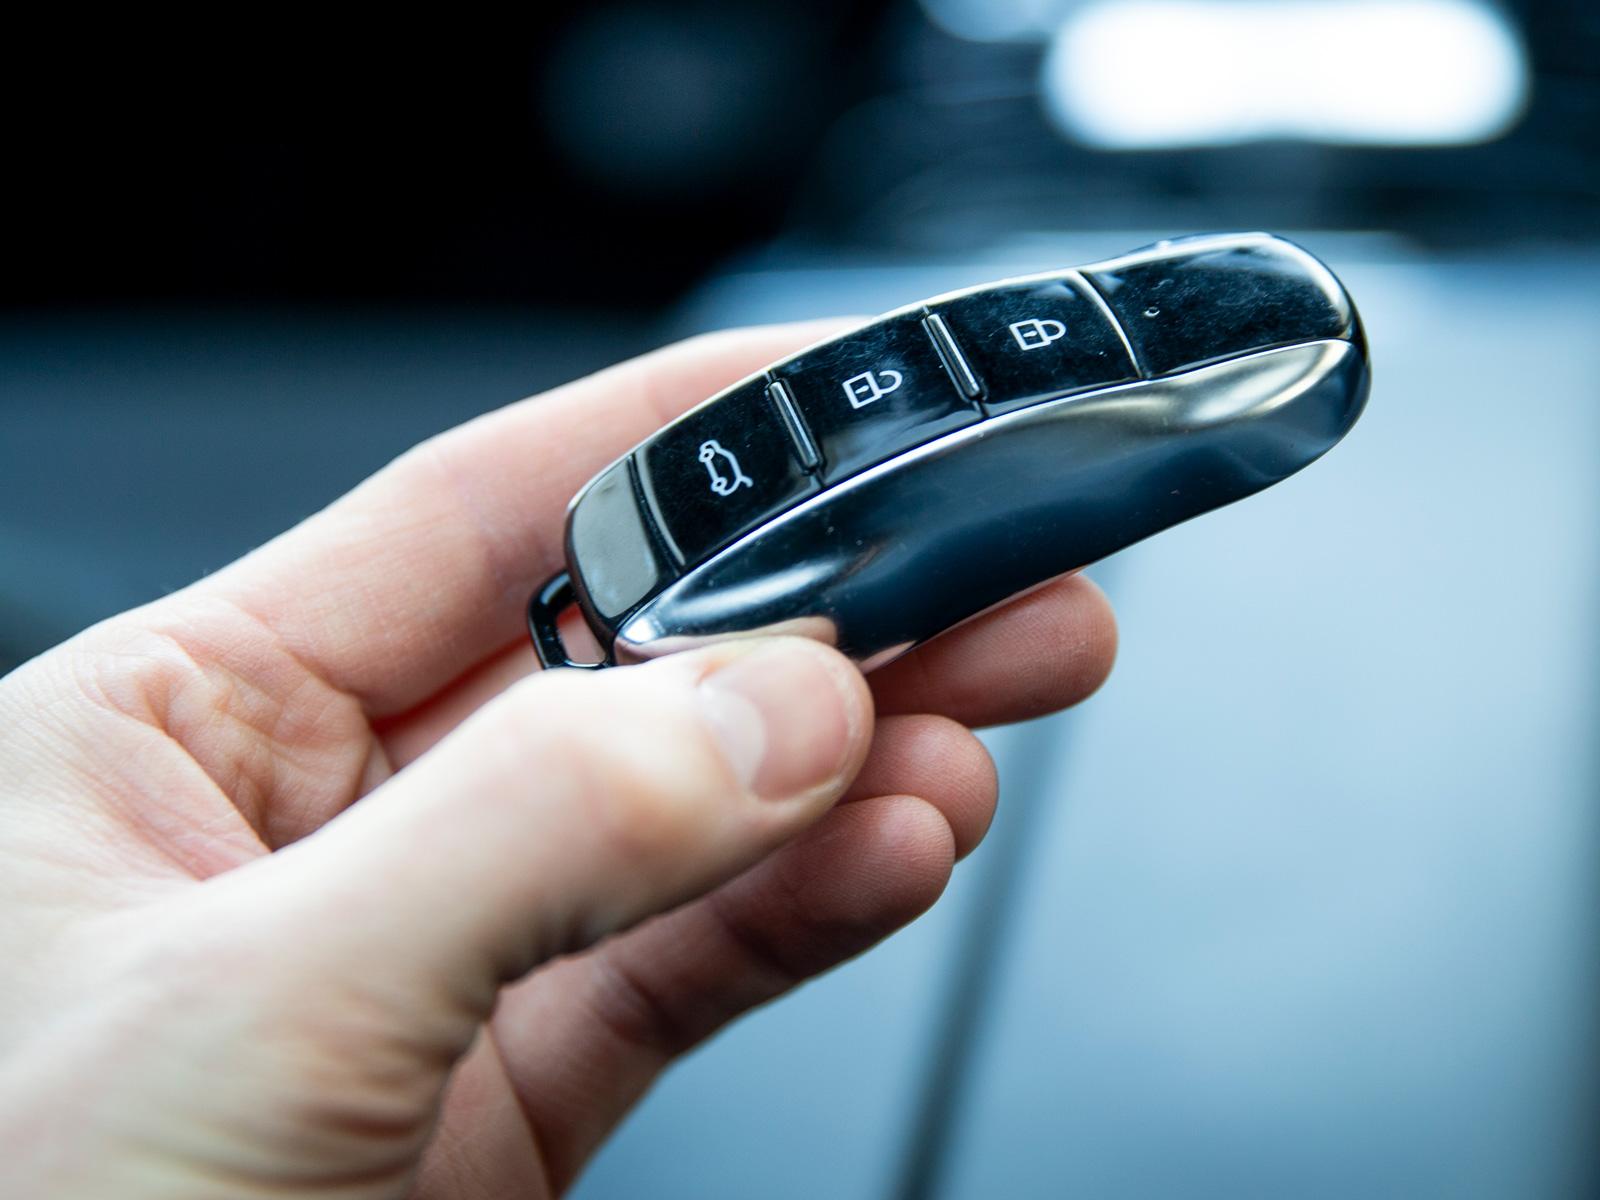 Kanske inte riktigt bilens silhuett men absolut en läcker nyckel!